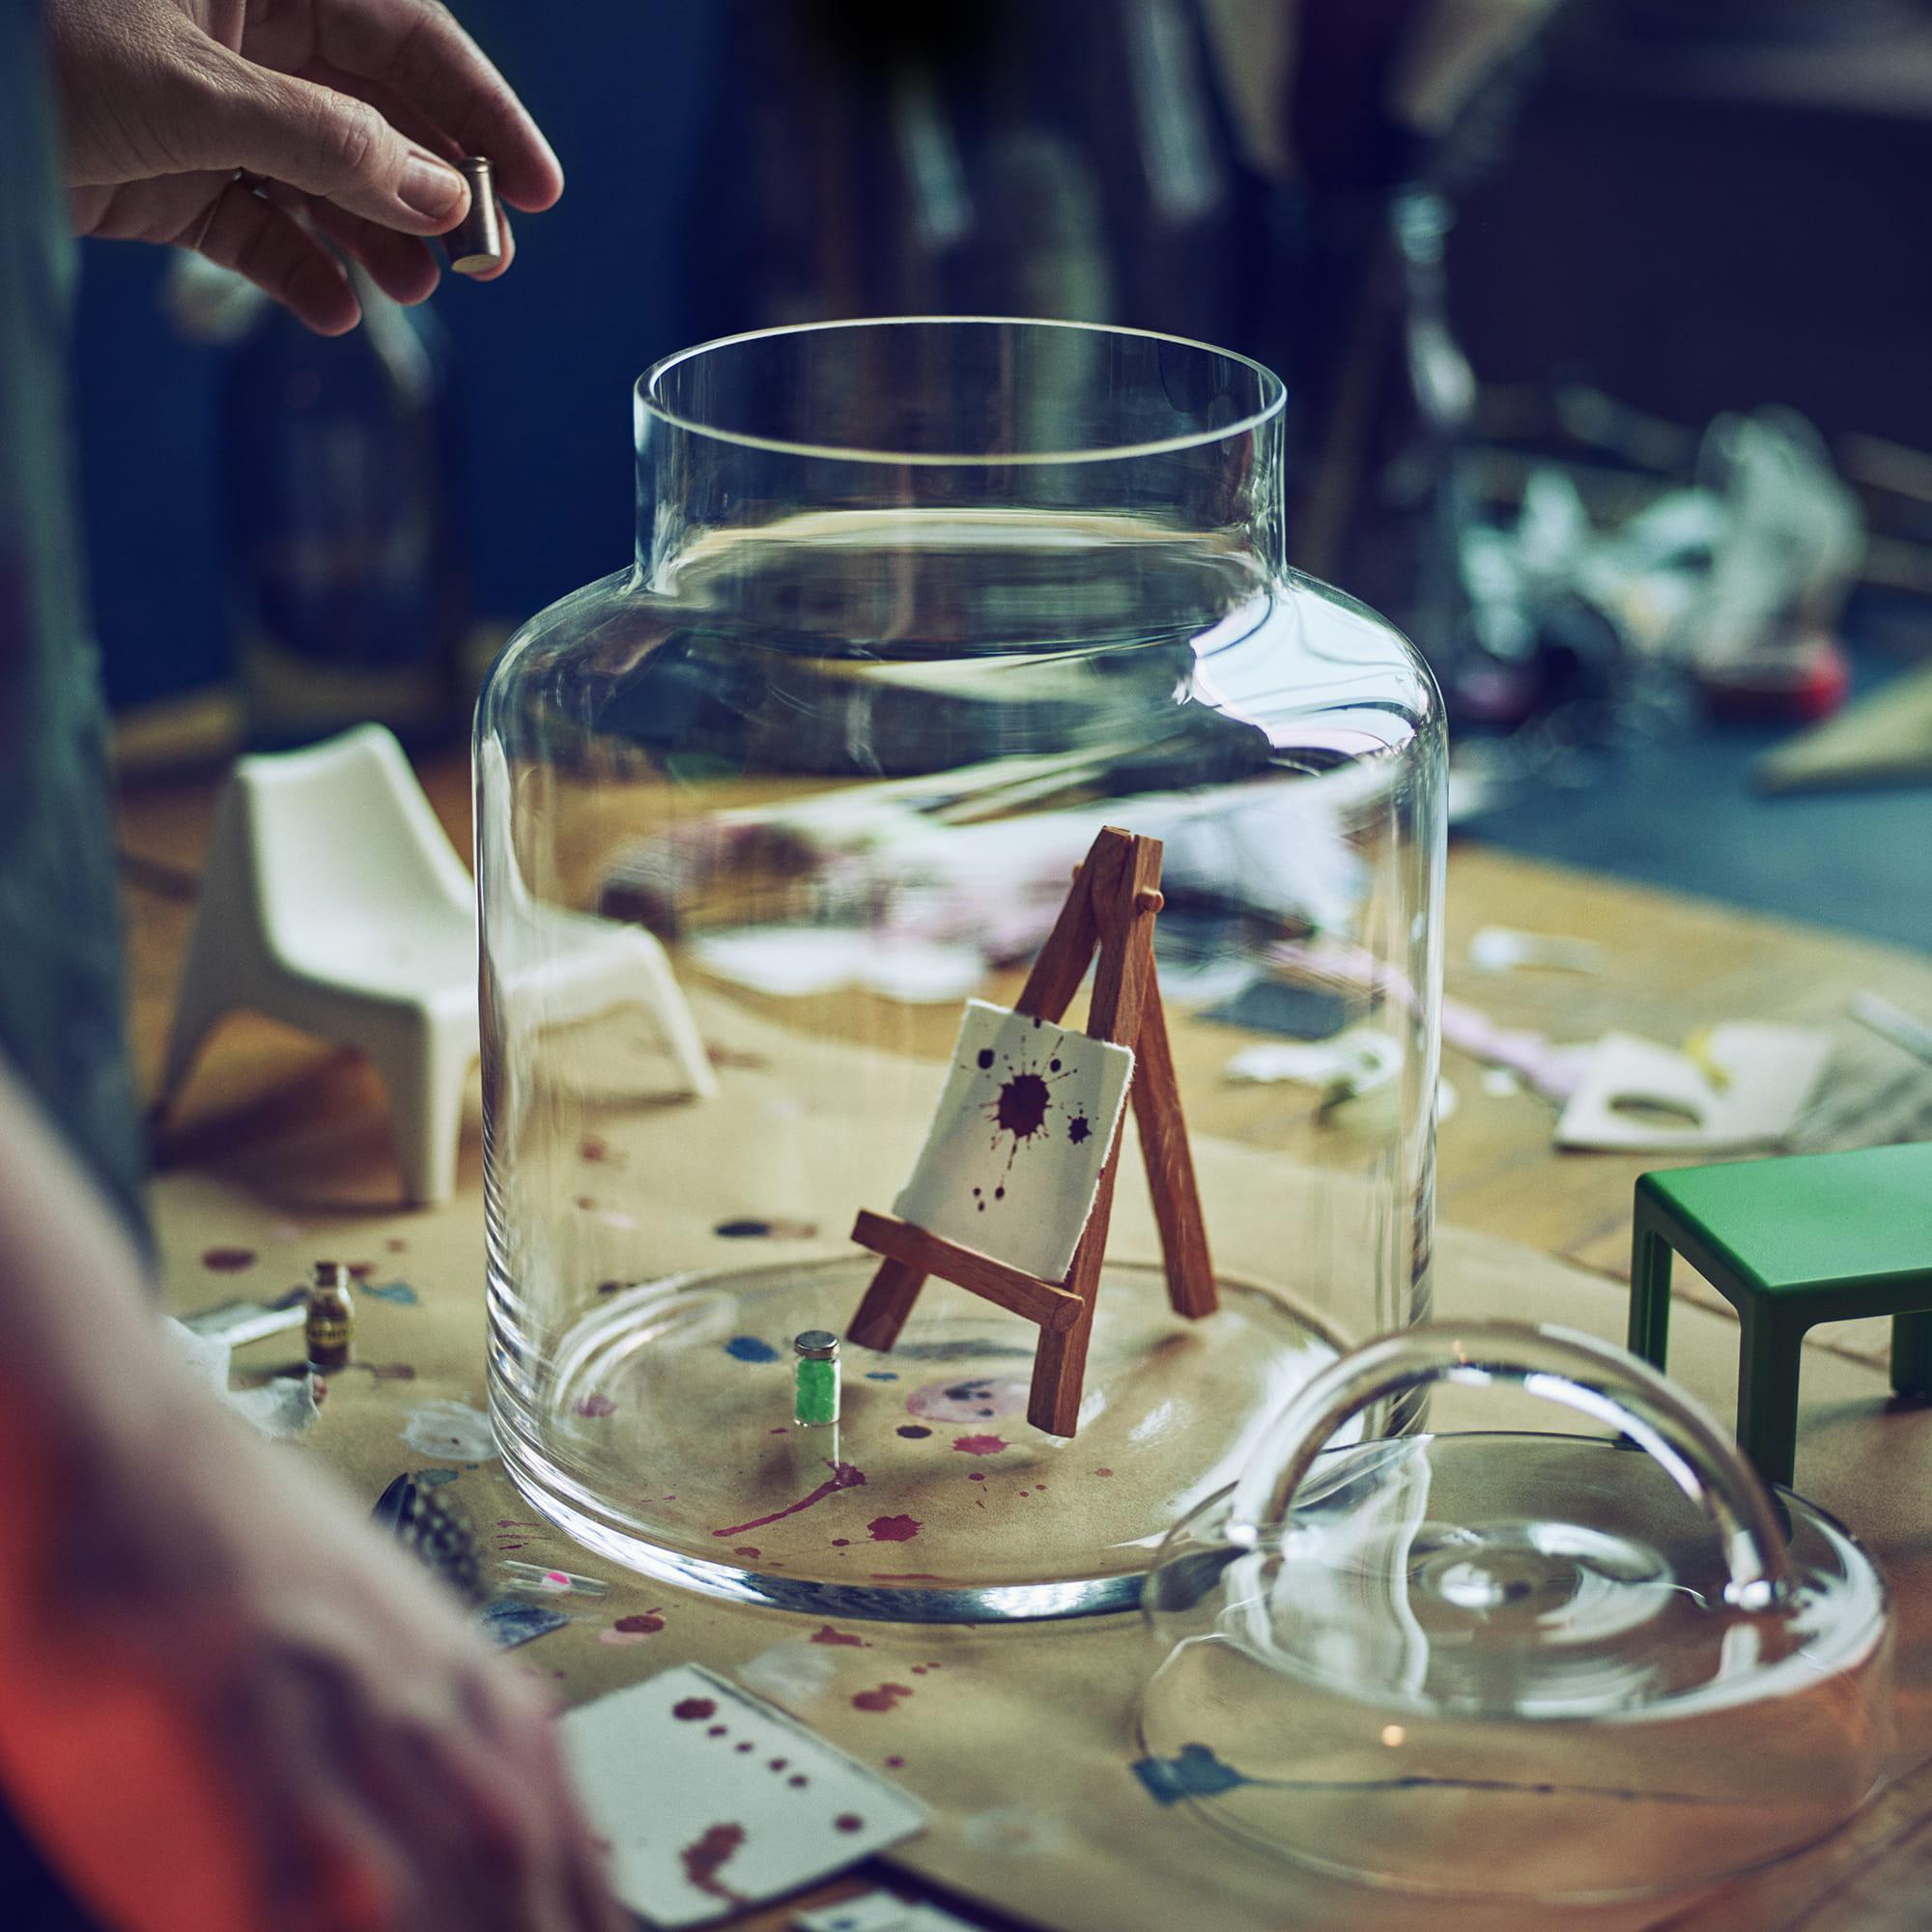 Un repr sentation miniature en bocal - Bocal verre ikea ...